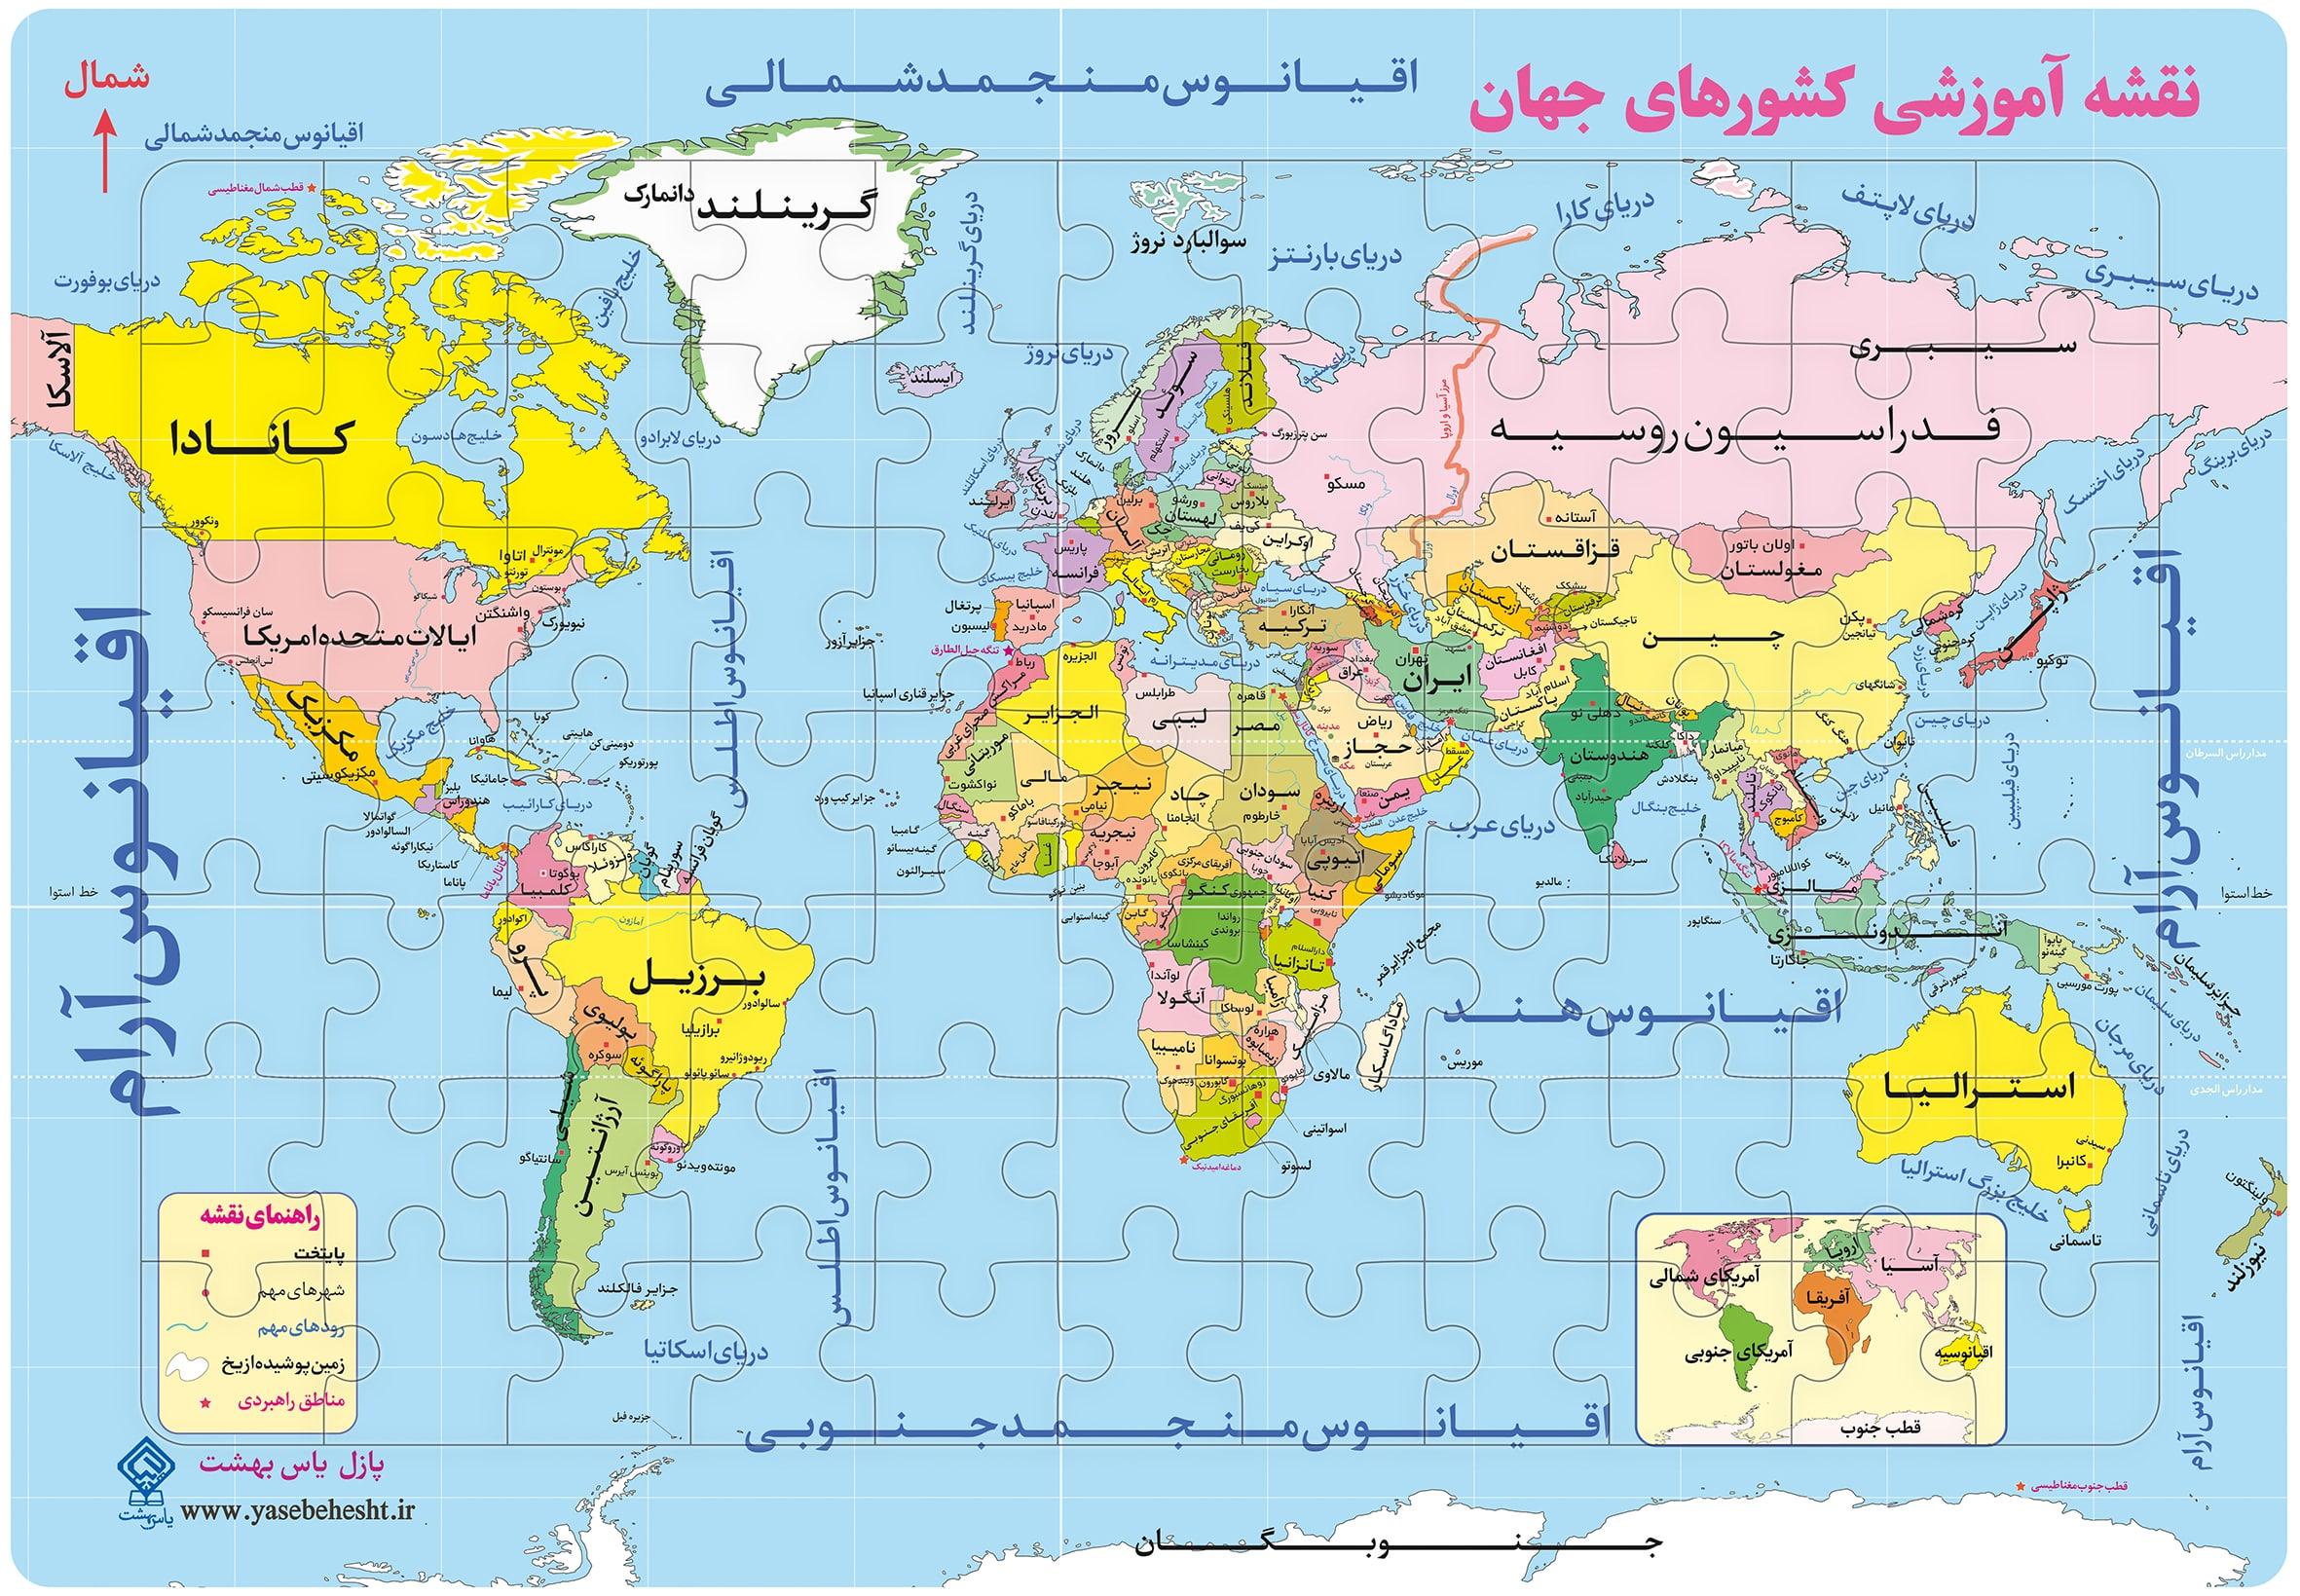 نقشه جهان - درس هجدهم مطالعات اجتماعی ششم - دریا، نعمت خداوندی - کلاس اینترنتی ما - مومکا - momeka.ir